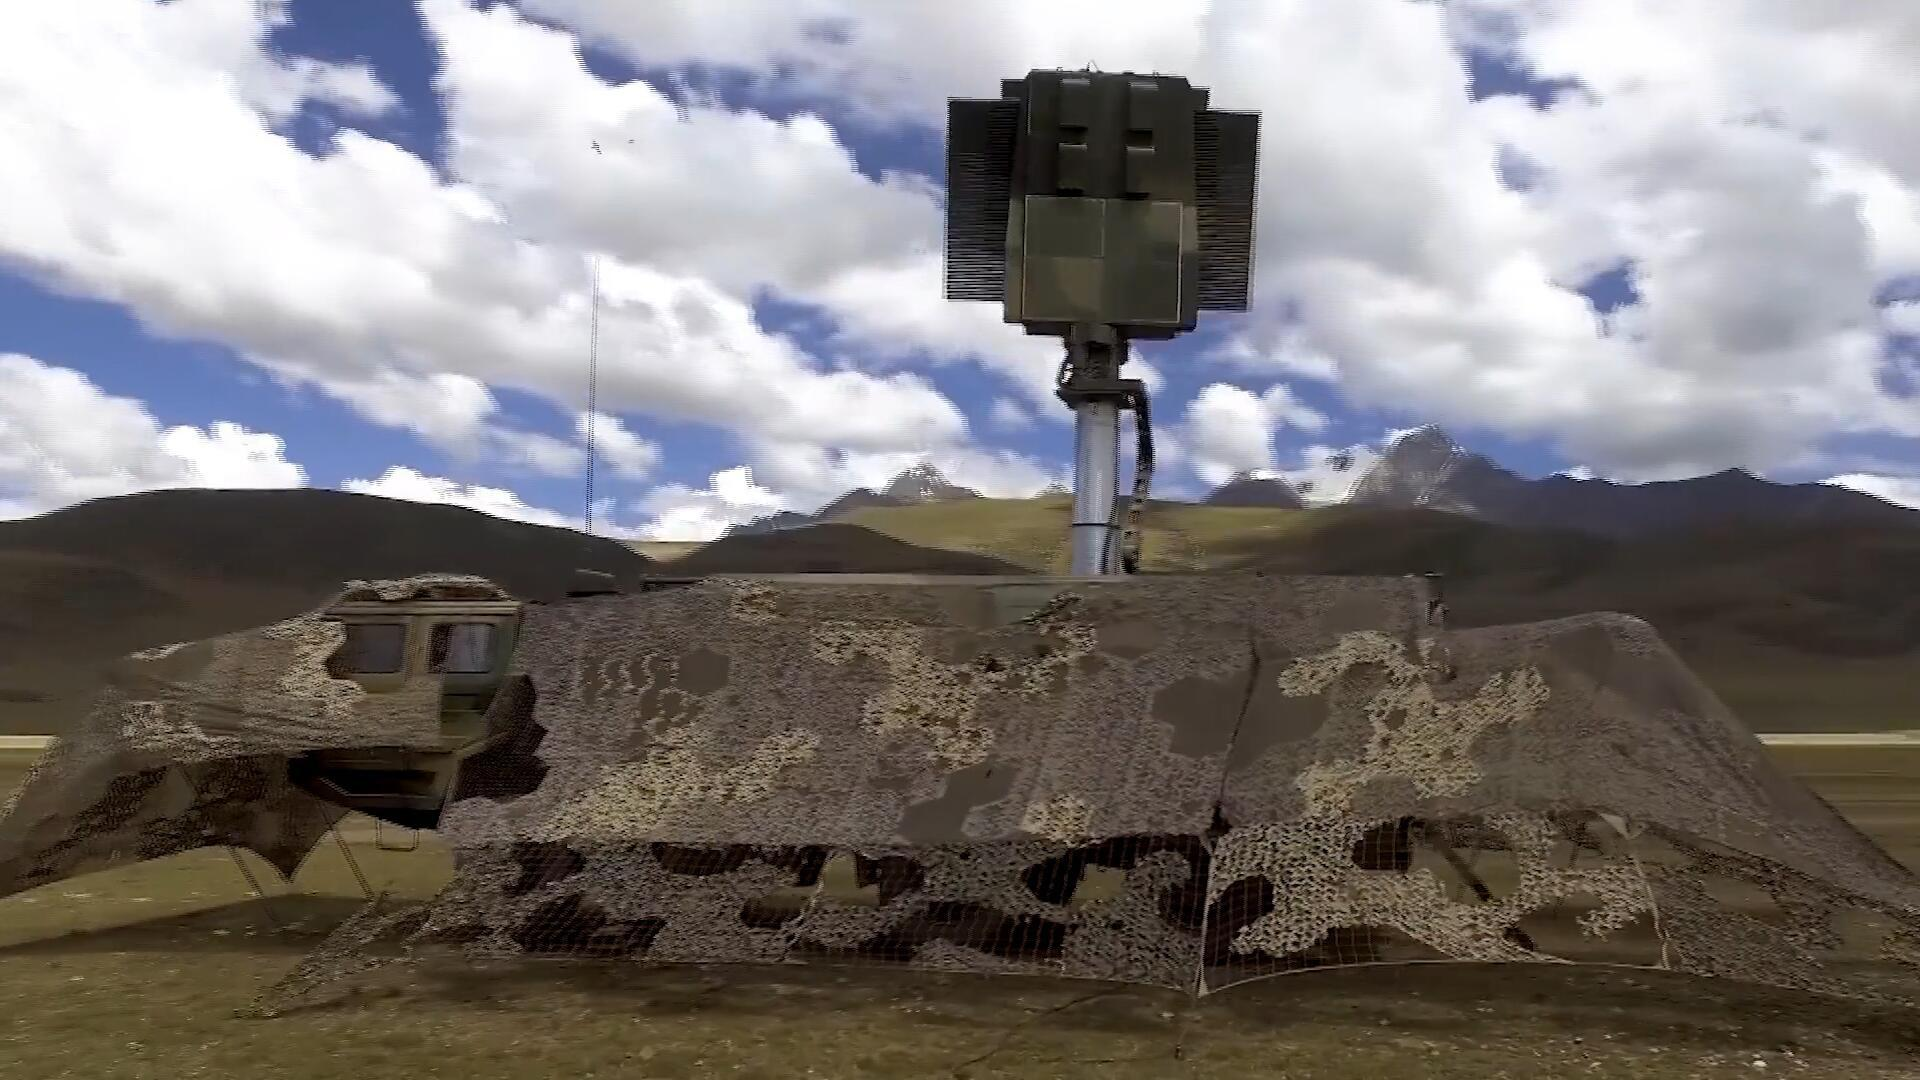 海拔4500米的高原腹地,西藏军区检验部队综合防空作战能力!